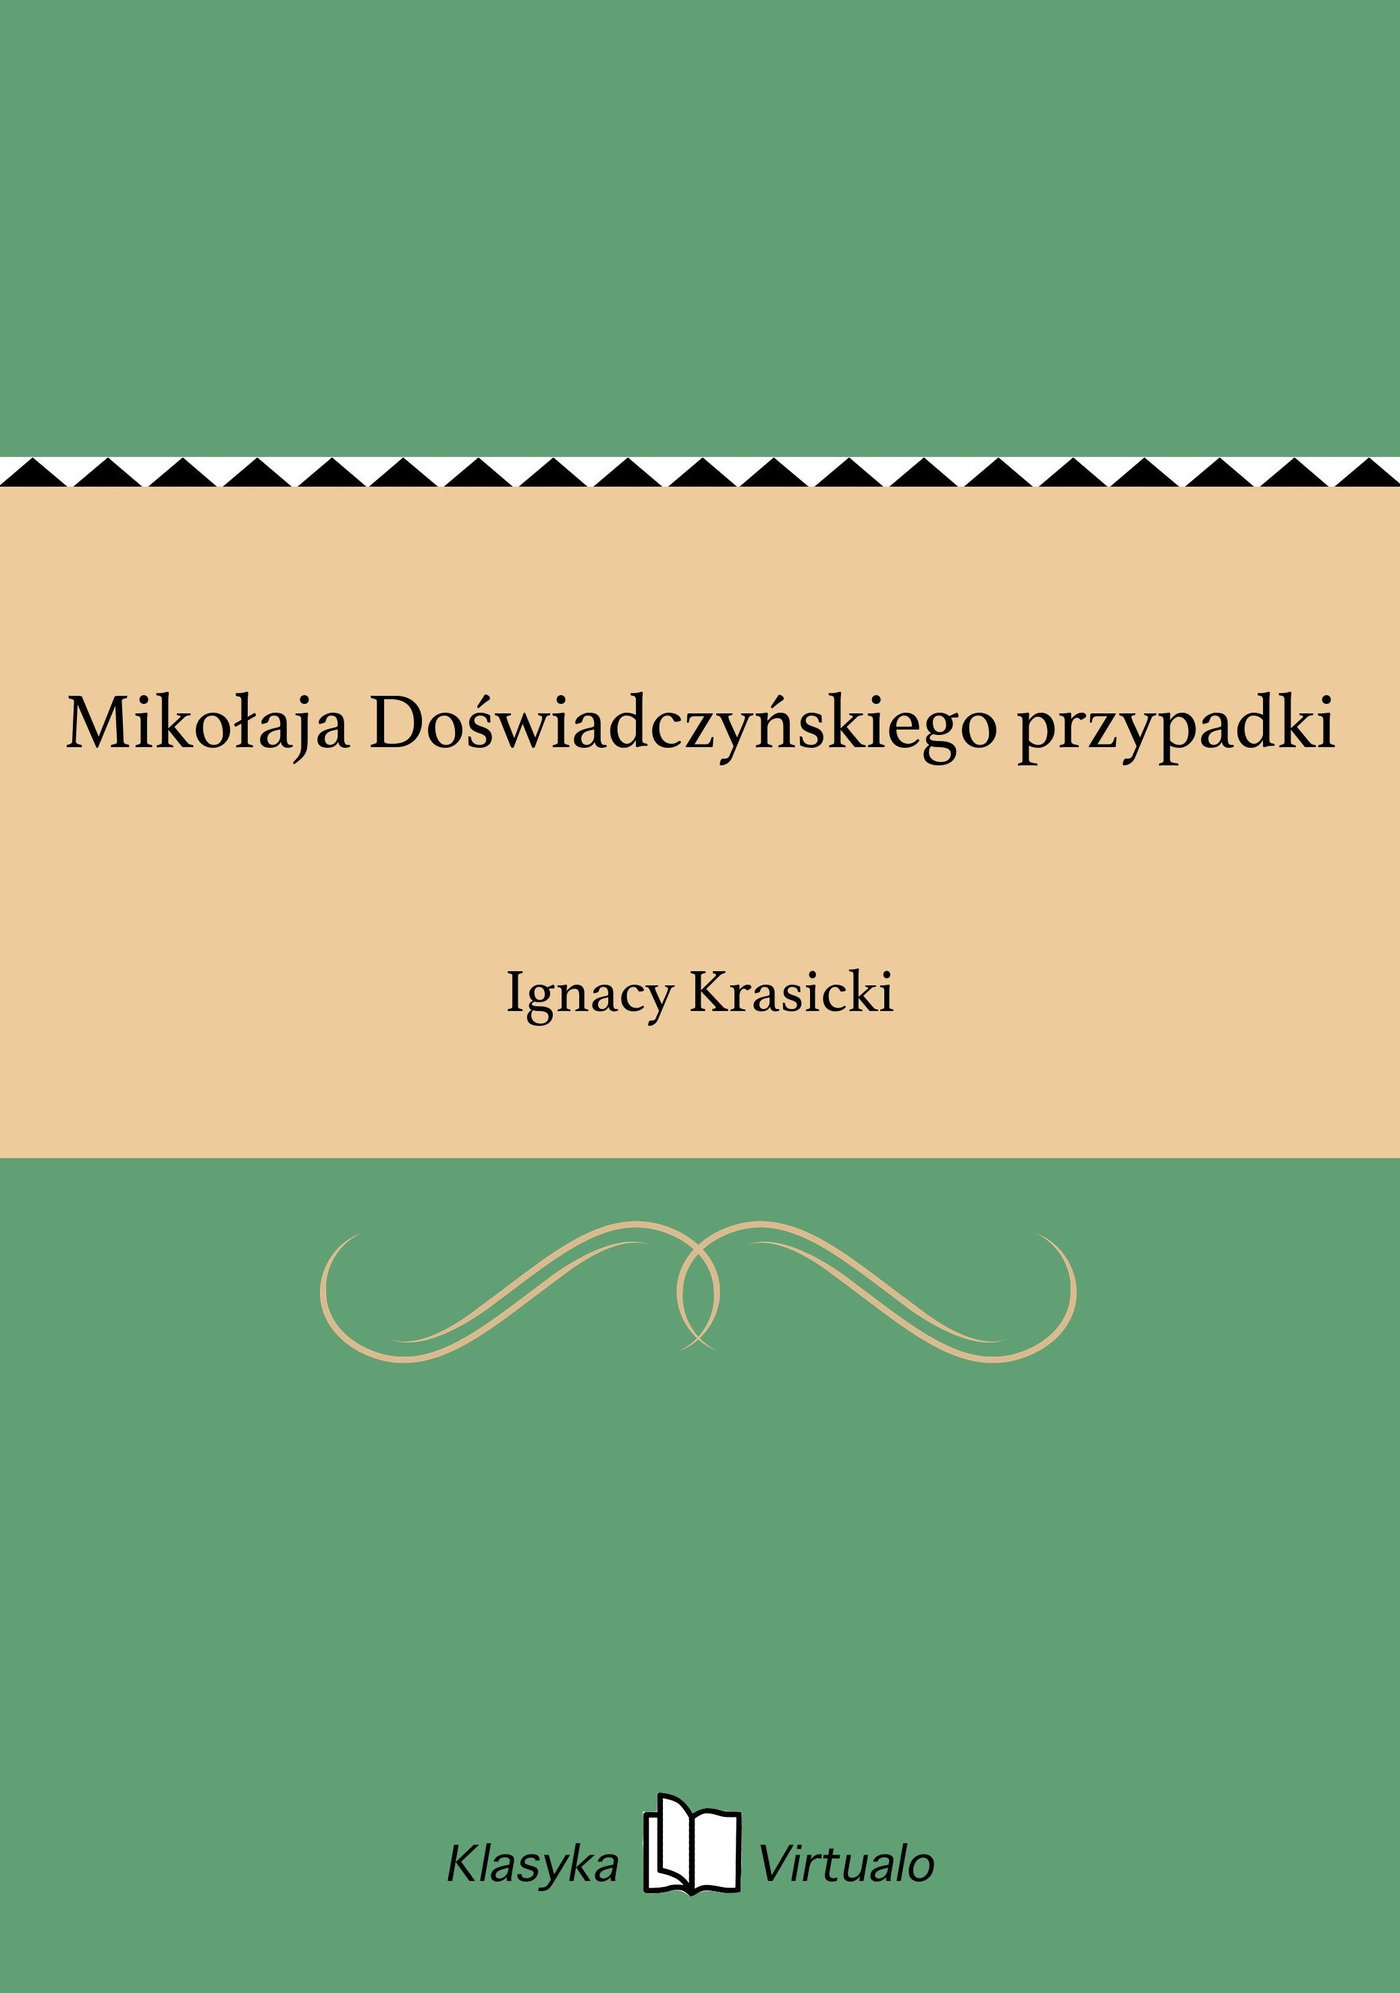 Mikołaja Doświadczyńskiego przypadki - Ebook (Książka na Kindle) do pobrania w formacie MOBI